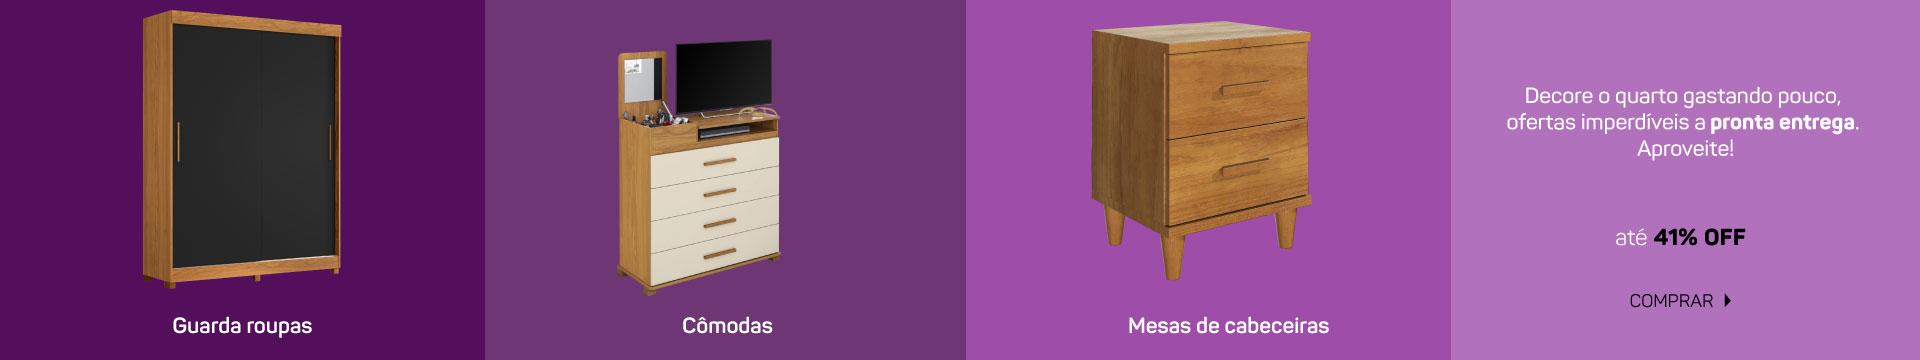 JUVENIL - Guarda roupas, comodas e mesa de cabeceira desktop